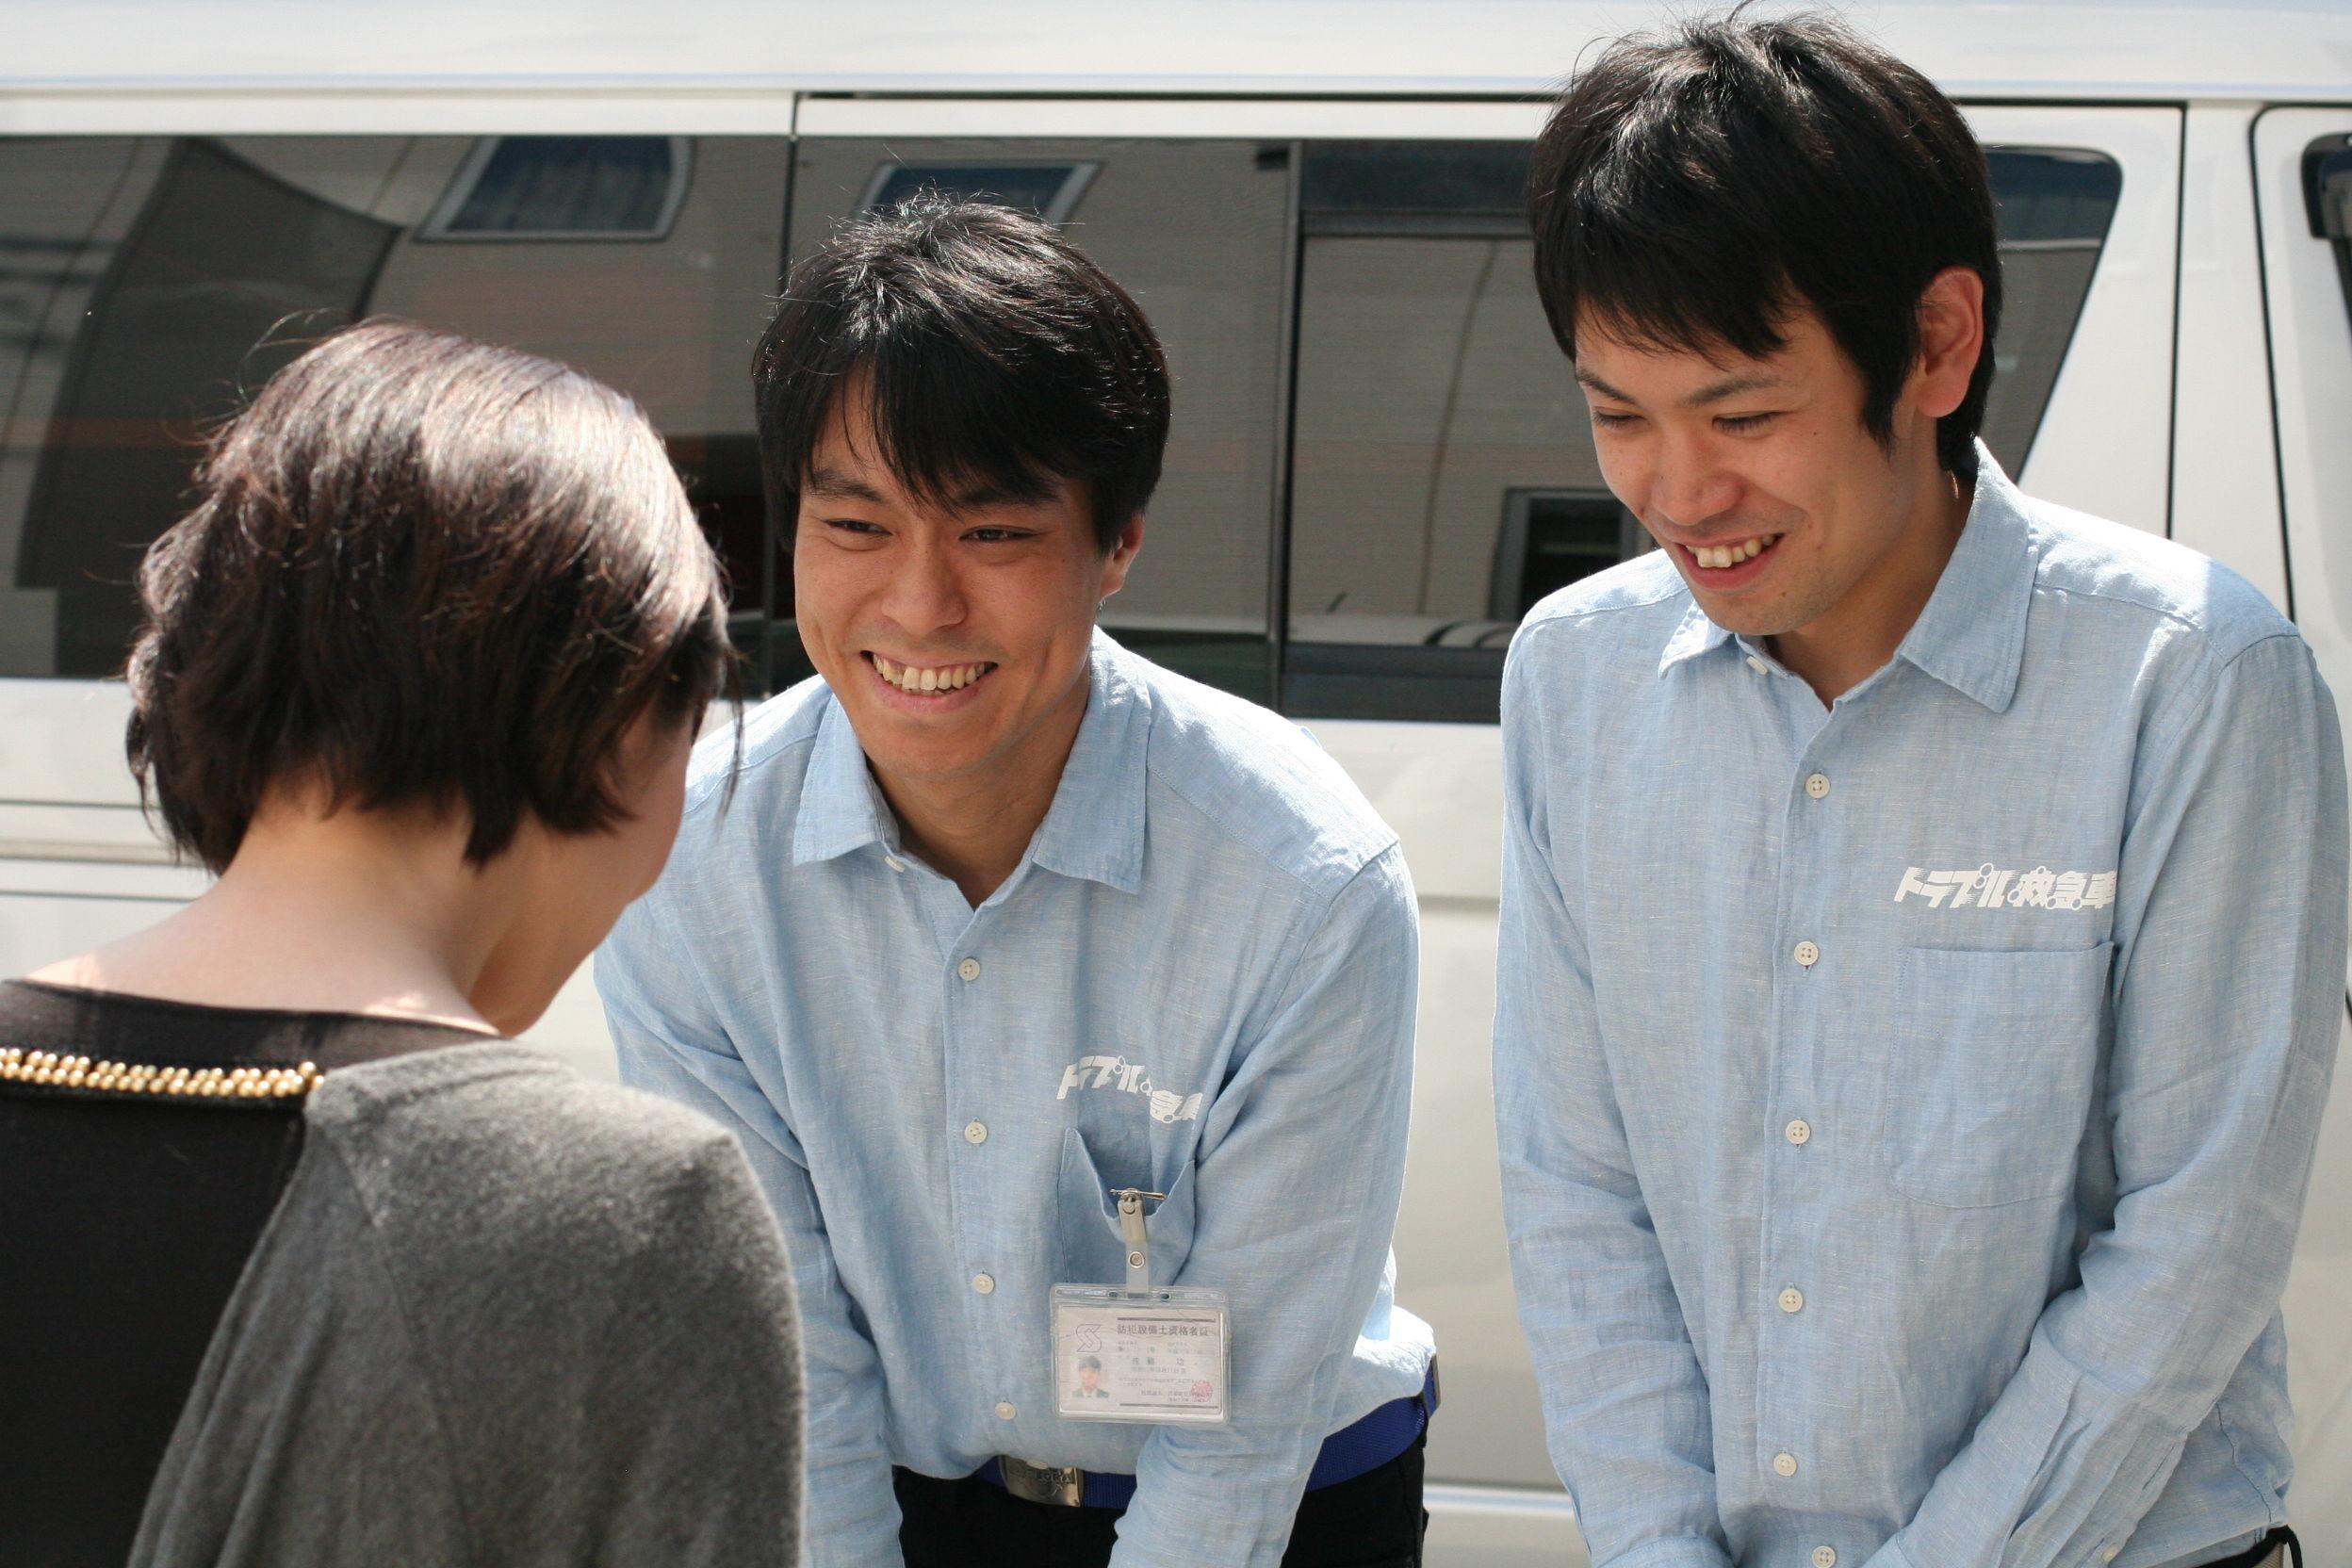 カギのトラブル救急車【神崎郡神河町 出張エリア】のアピールポイント1